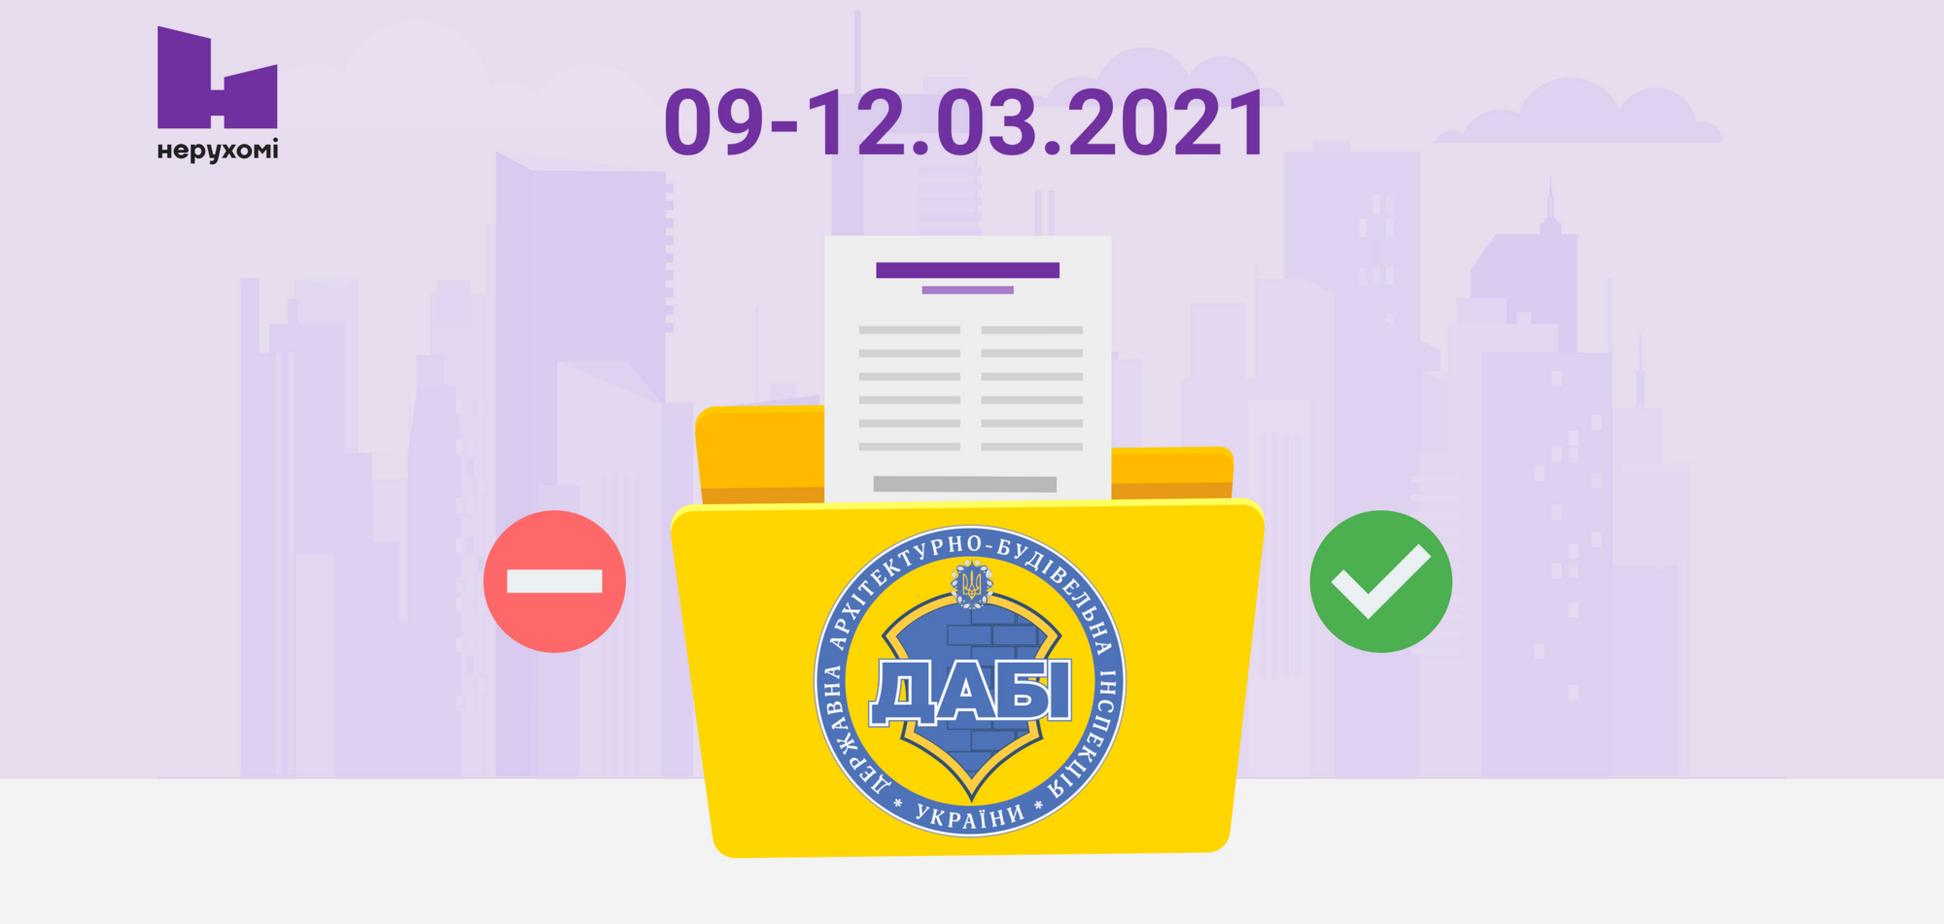 ЖК в Харькове оказались в приоритете ГАСИ: обзор решений за прошедшую неделю